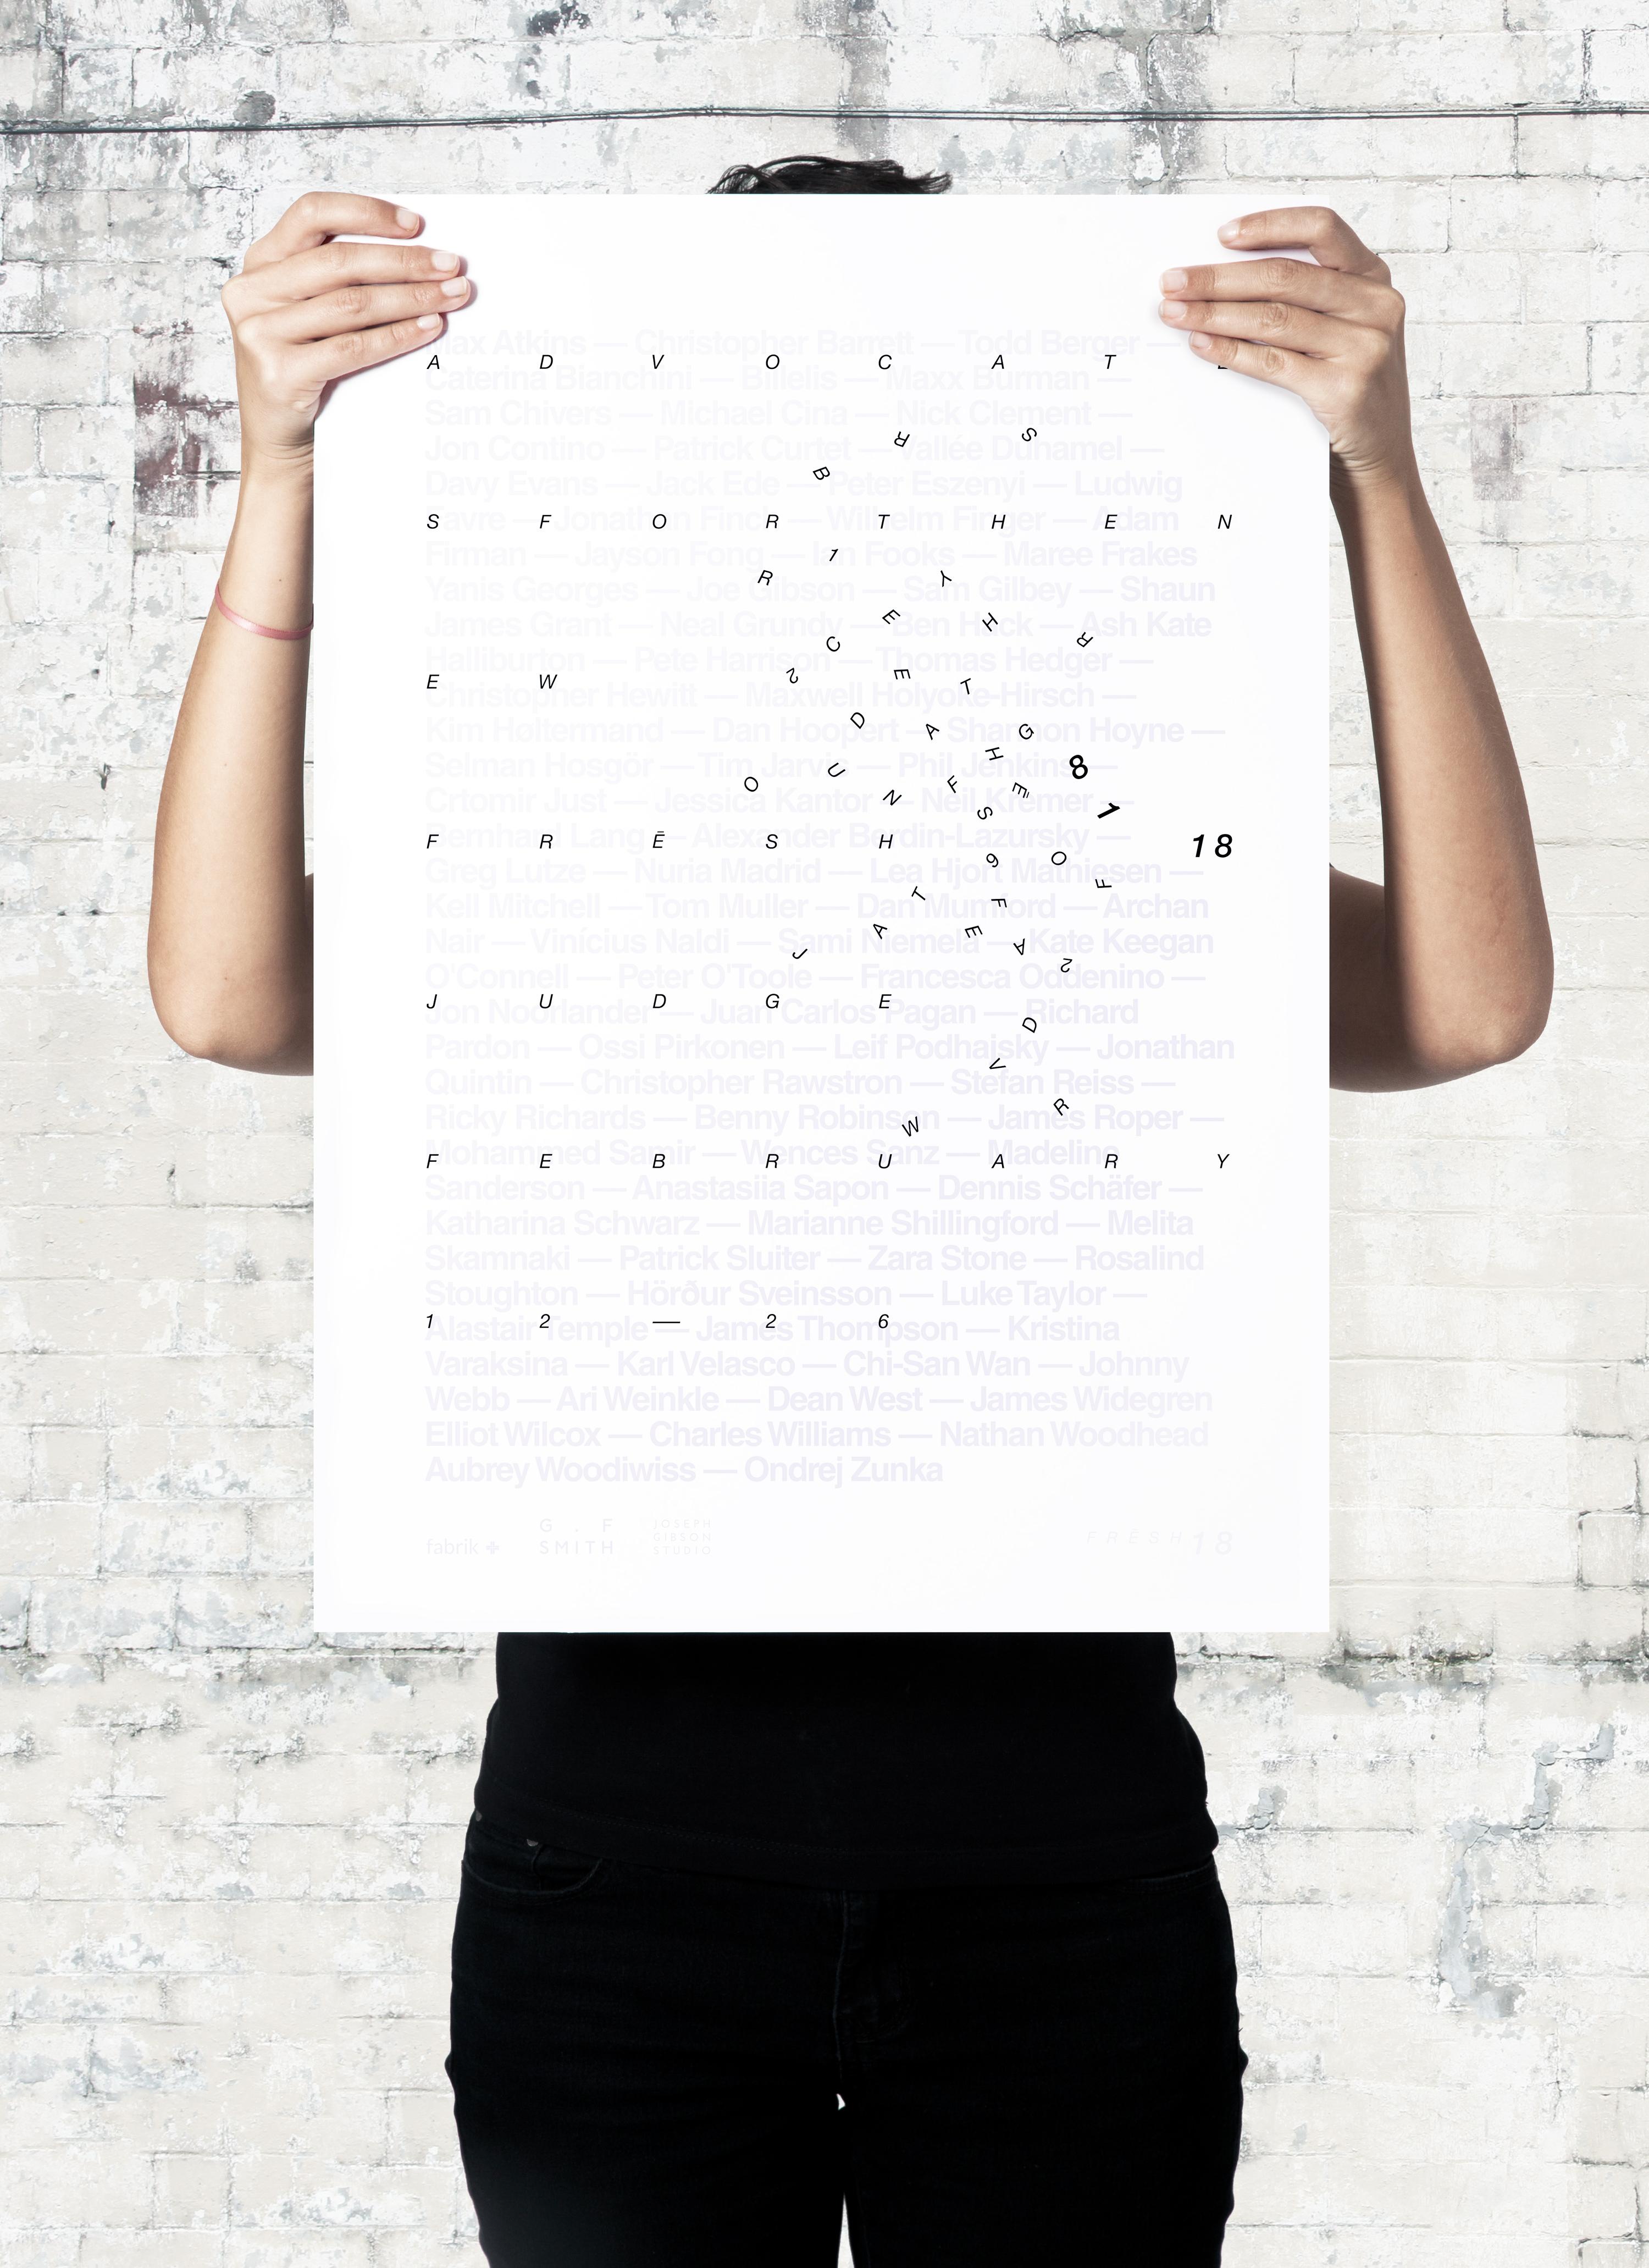 Semi-printed Fresh 18 judges poster